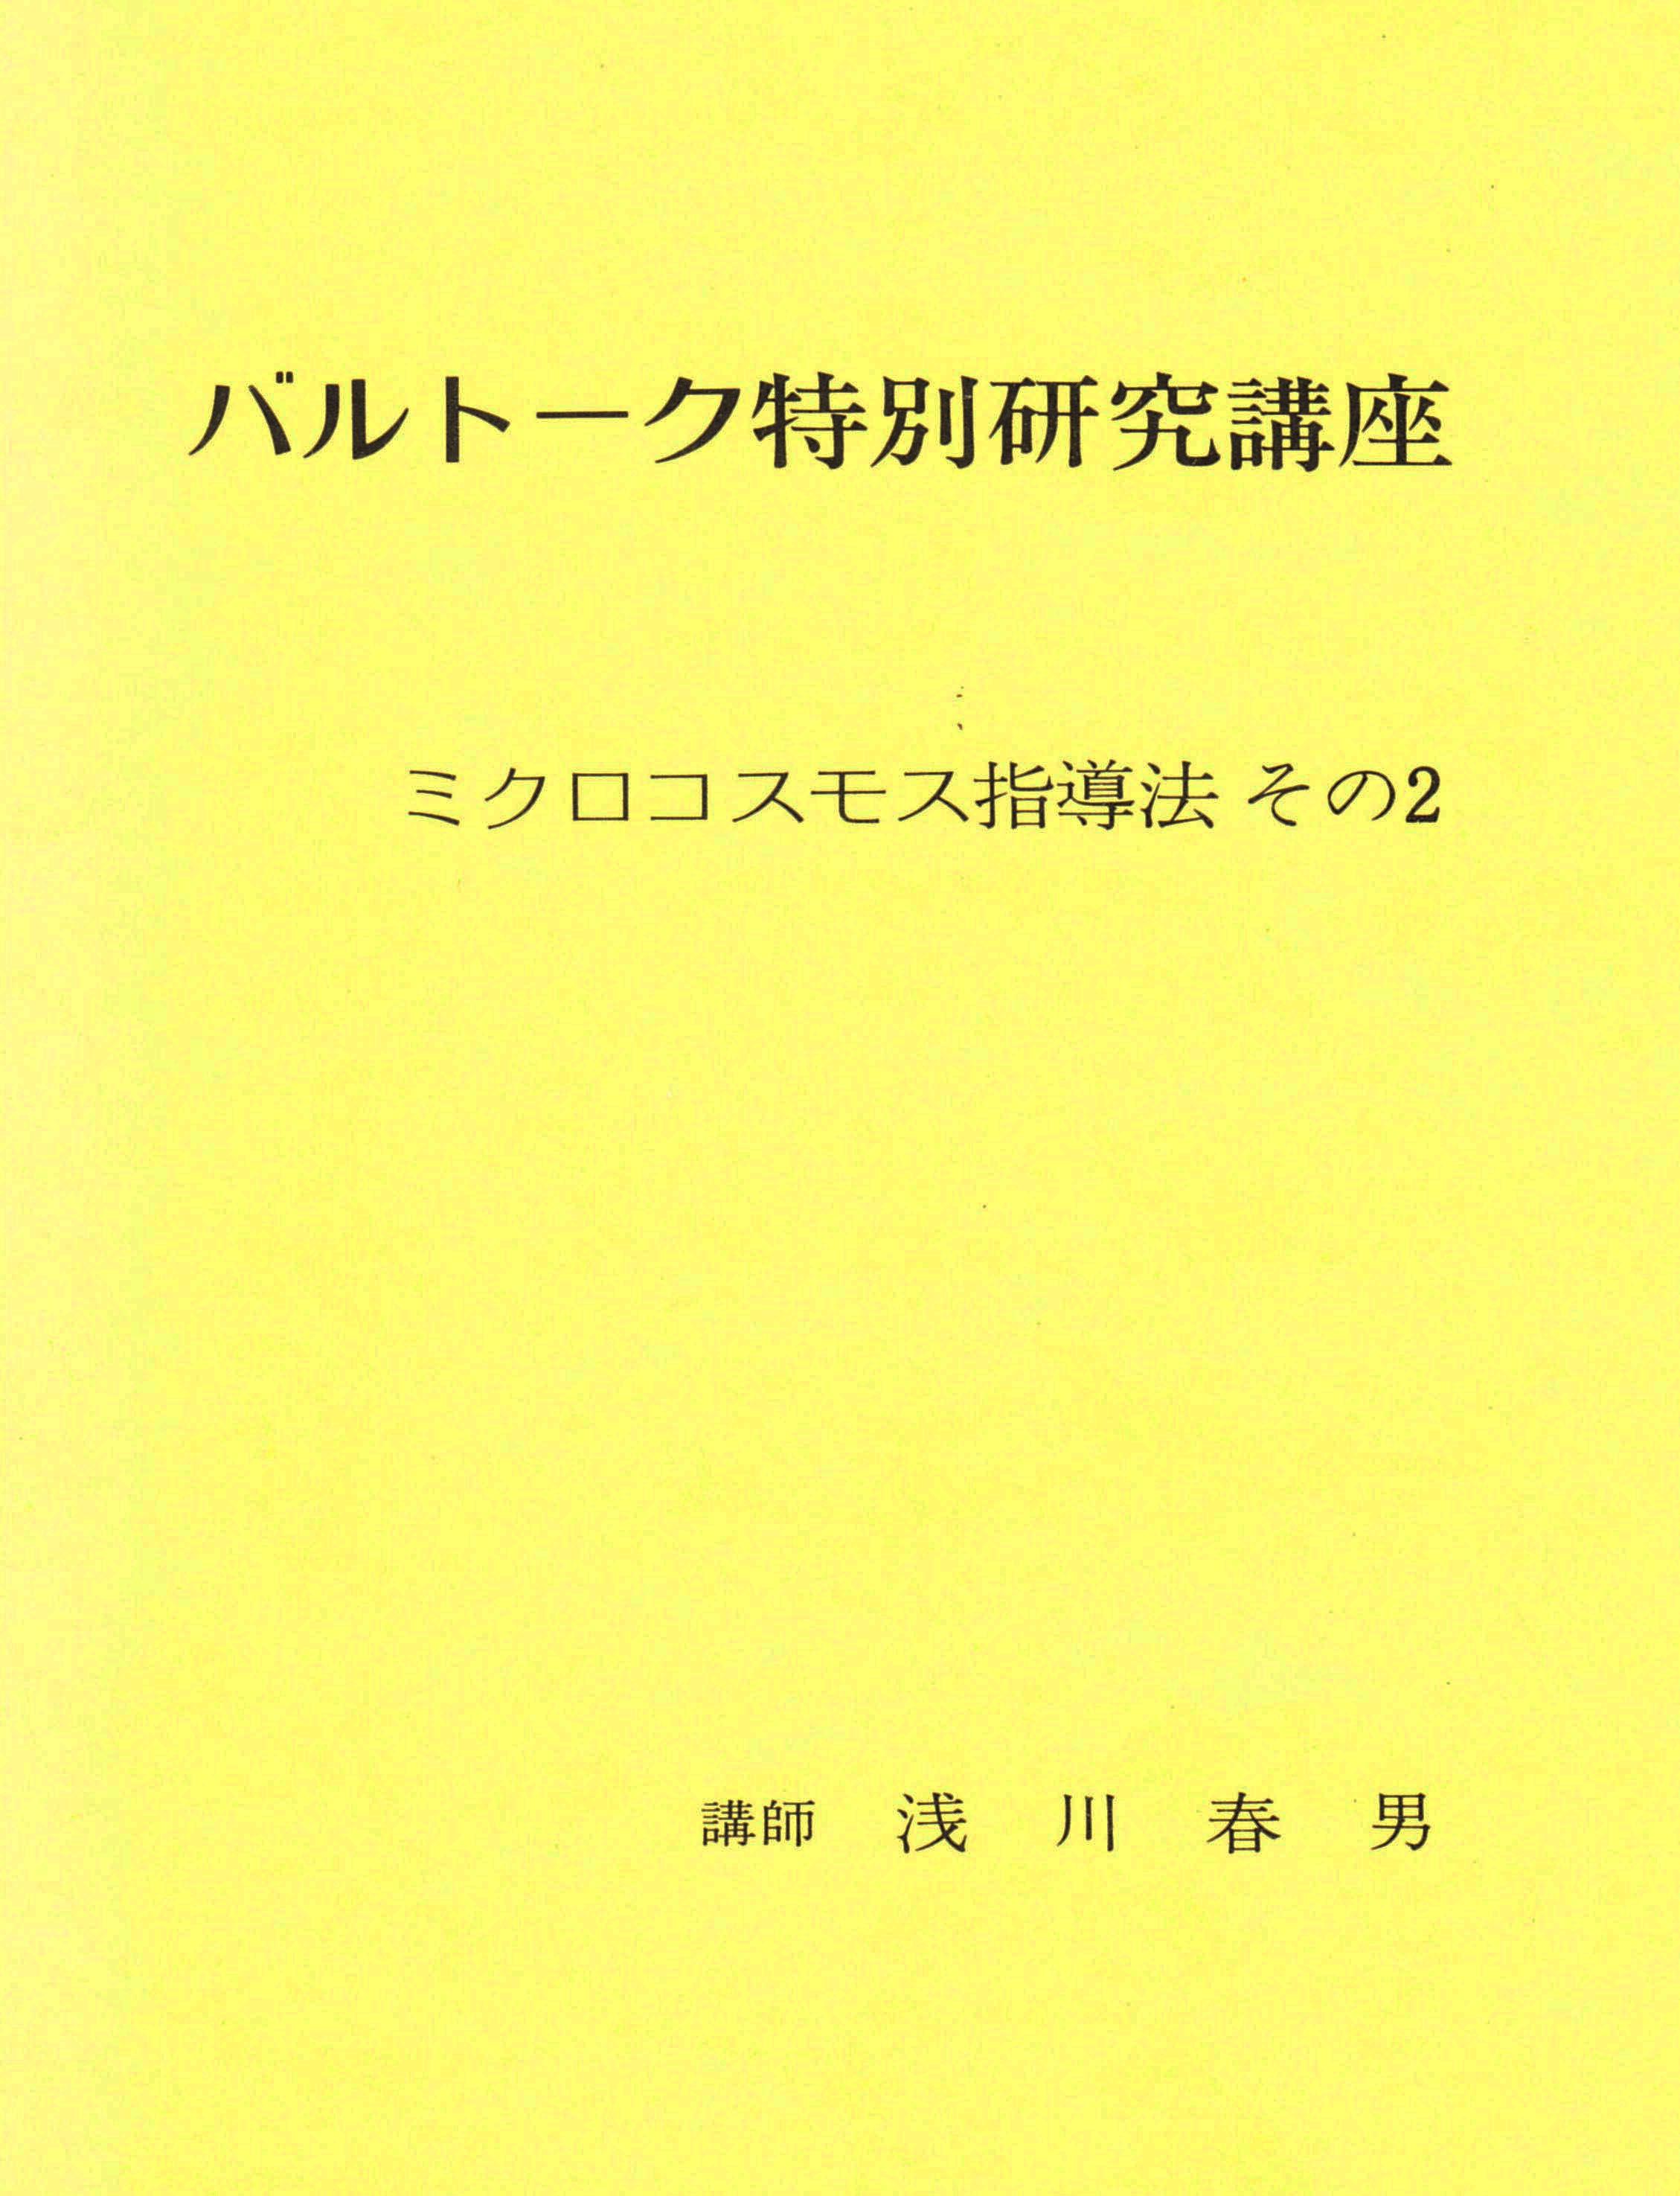 9-1. 浅川 ①